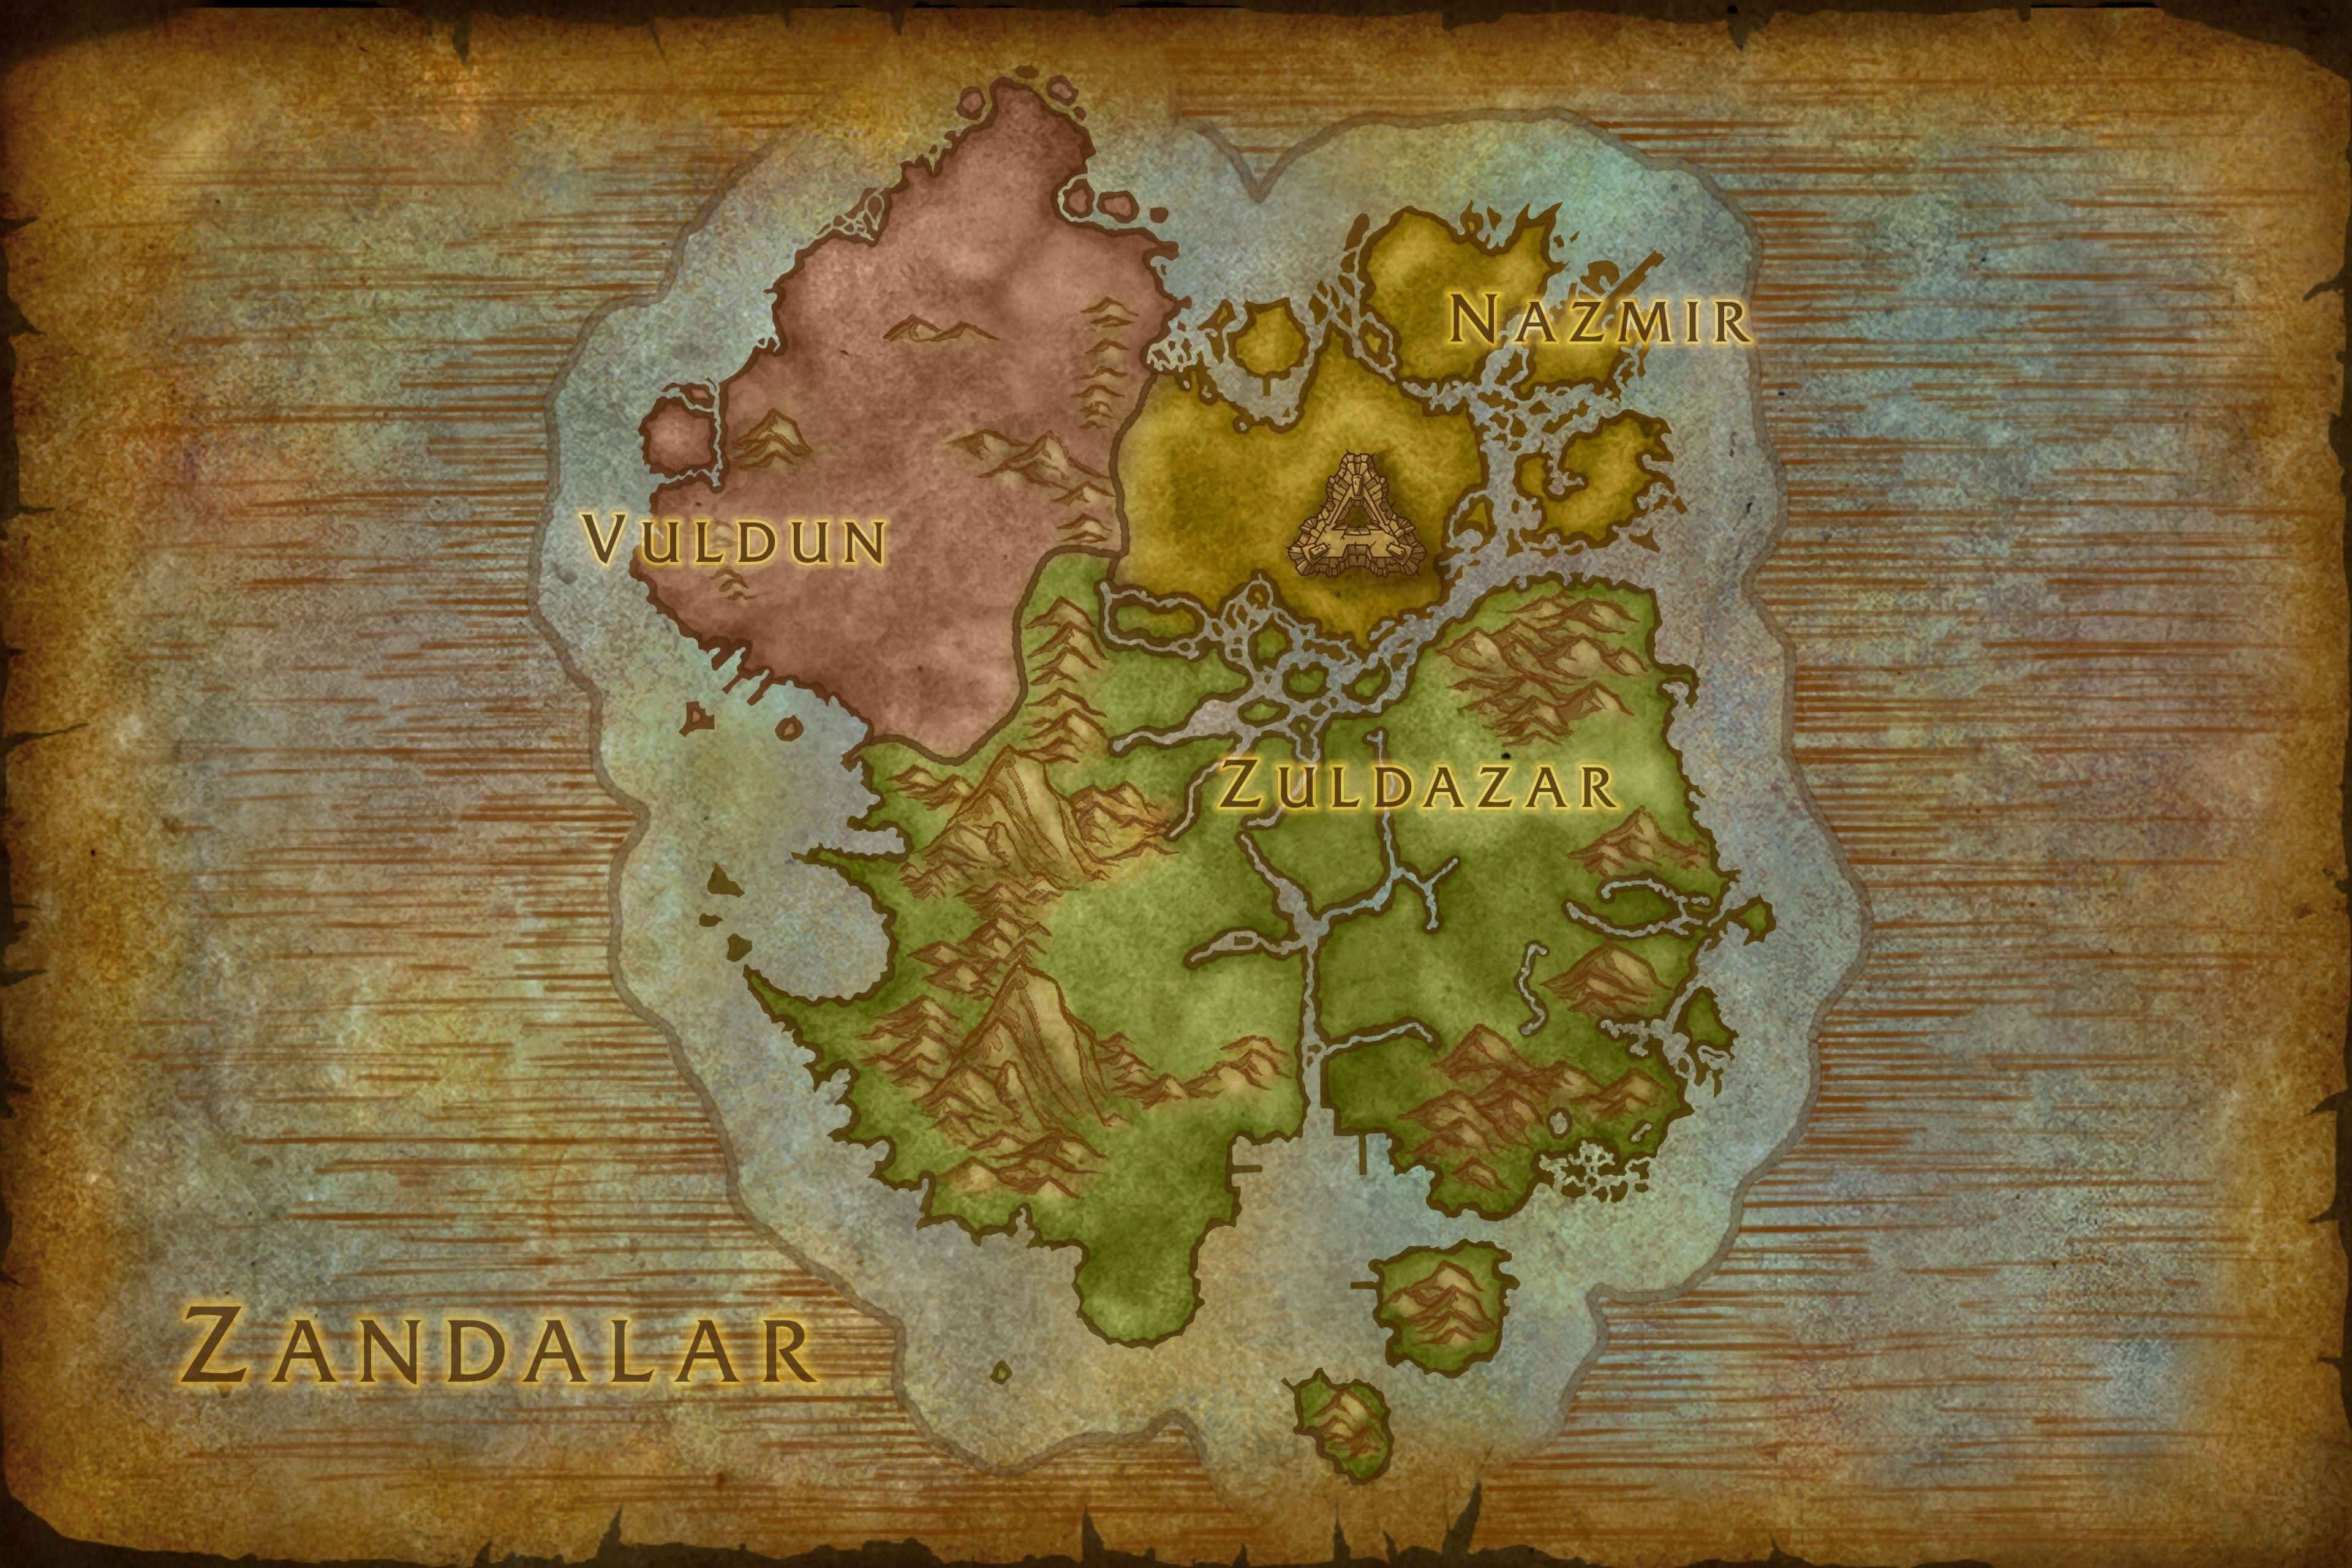 Battle for Azeroth Beta 26567 - Kul Tiras, Zandalar and World Maps ...